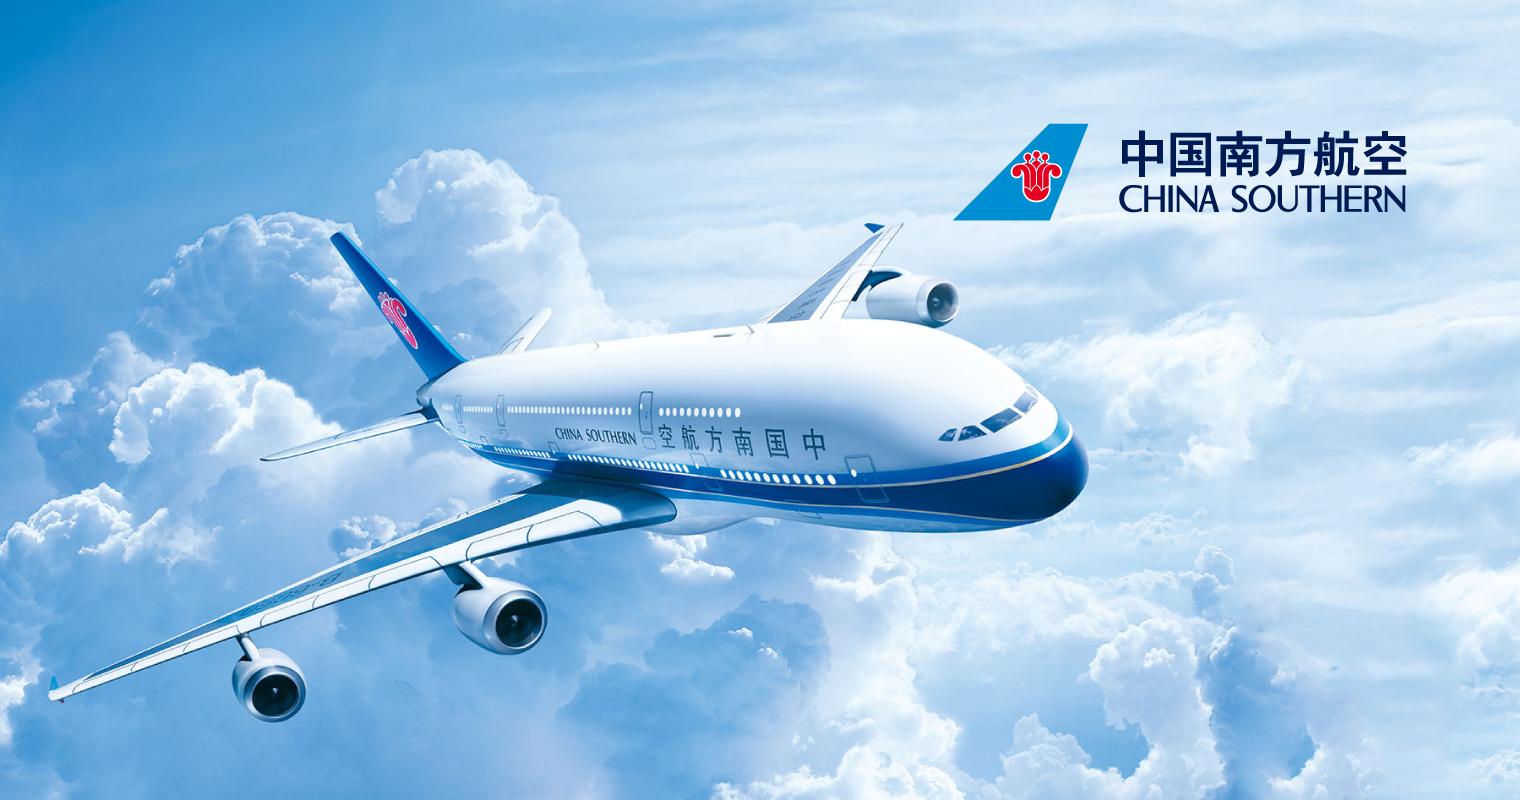 中国南方航空接我们回国!突破禁飞令,阿姆前往北京、广州不断航!